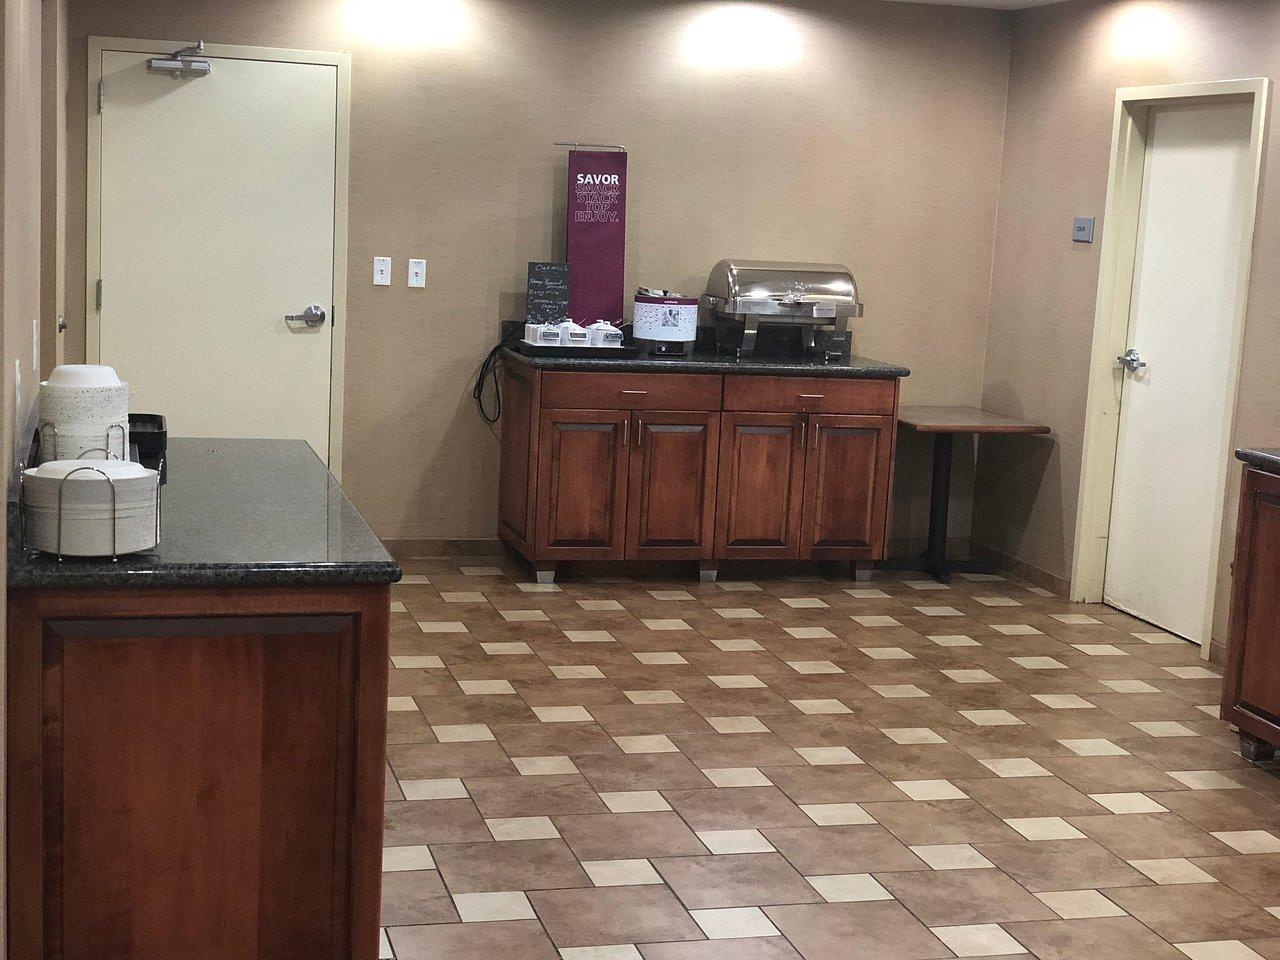 HAMPTON INN SIDNEY $80 ($̶9̶2̶) - Updated 2018 Prices & Hotel ...